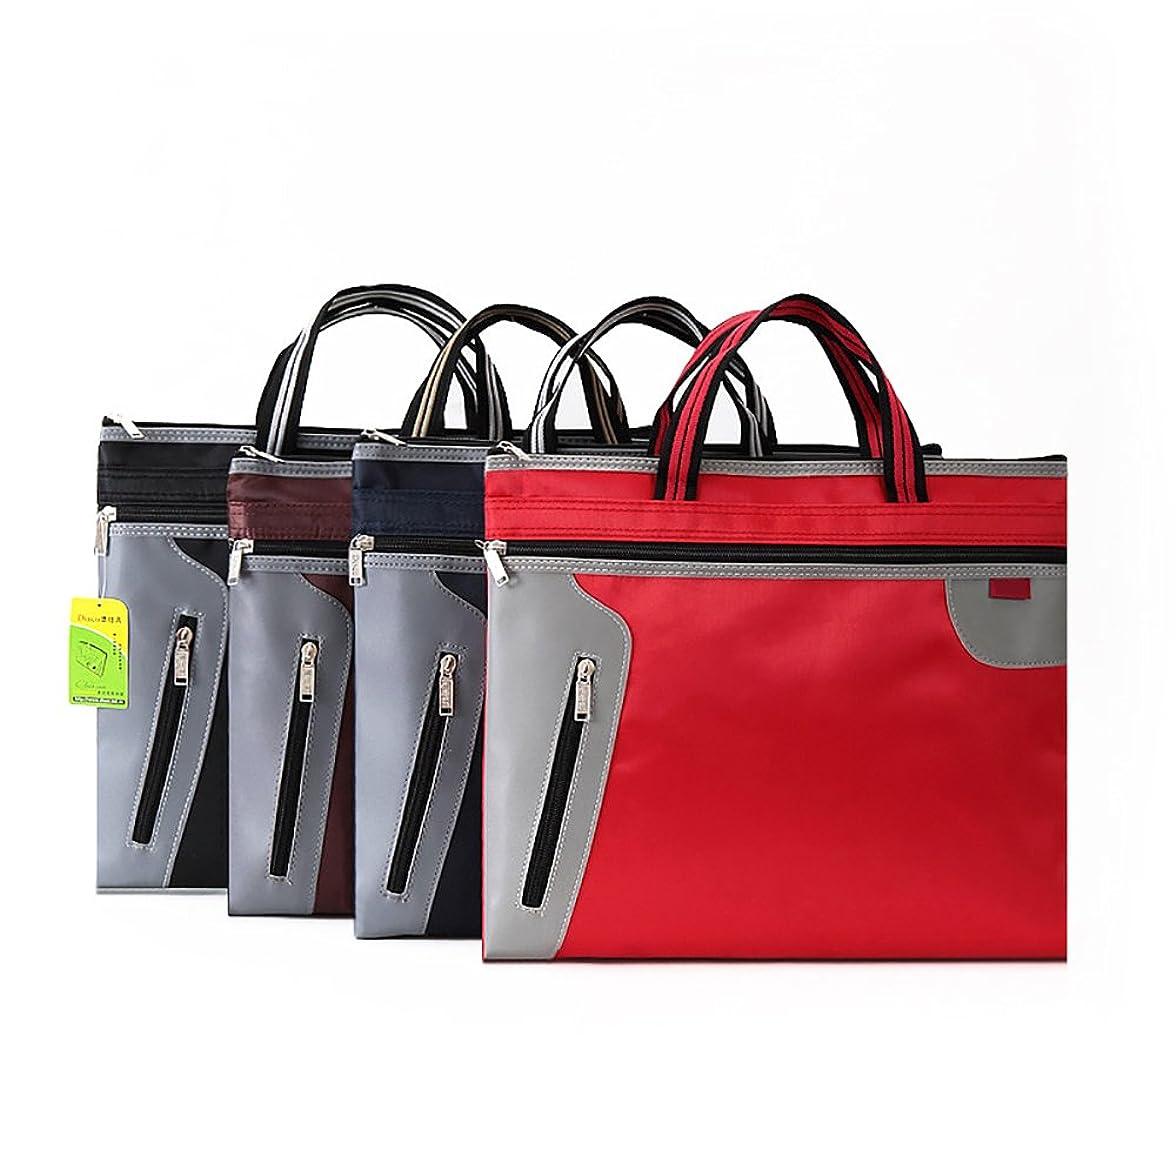 追い払う再生シャツA4 ビジネスバッグ男女兼用ファイルケース 書類の整理と持ち運びに便利です ダークブルー